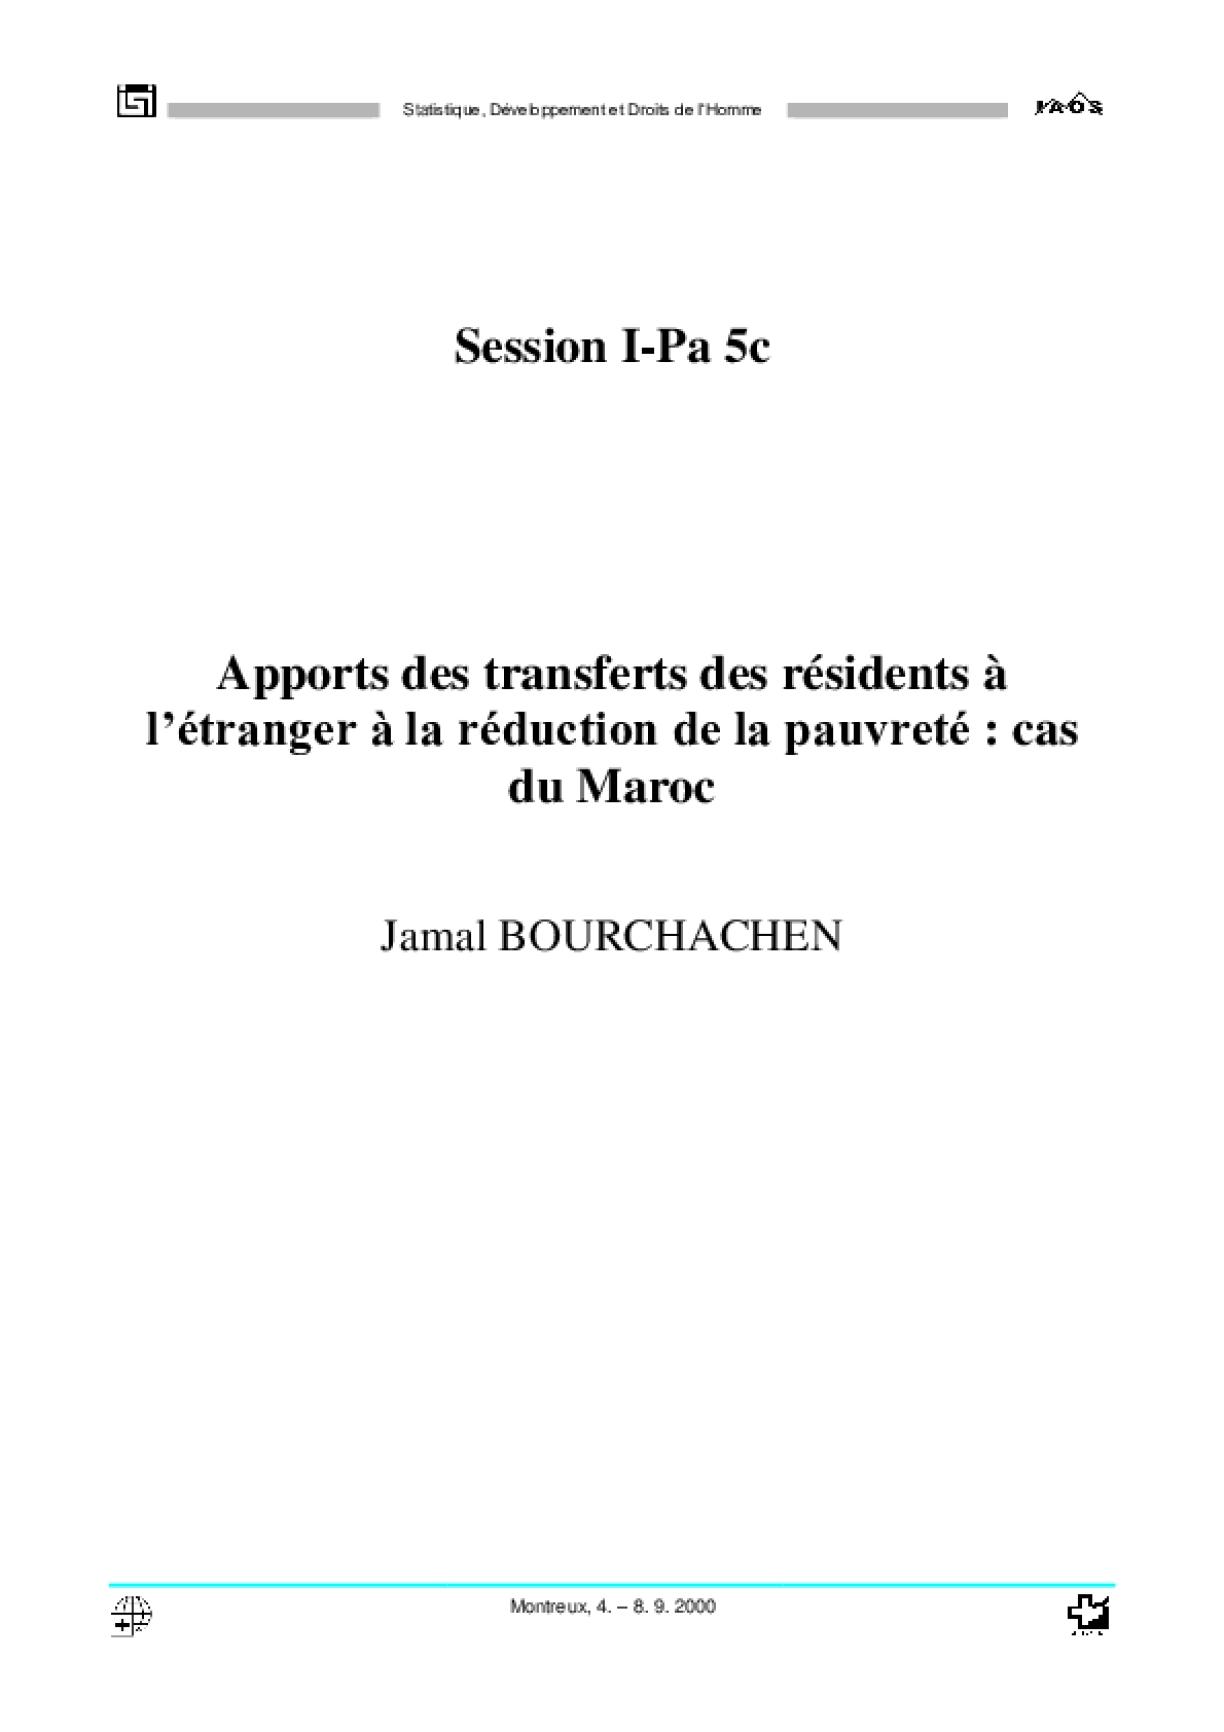 Apports des Transferts des Résidents à L'étranger à la Réduction de la Pauvreté: Cas du Maroc